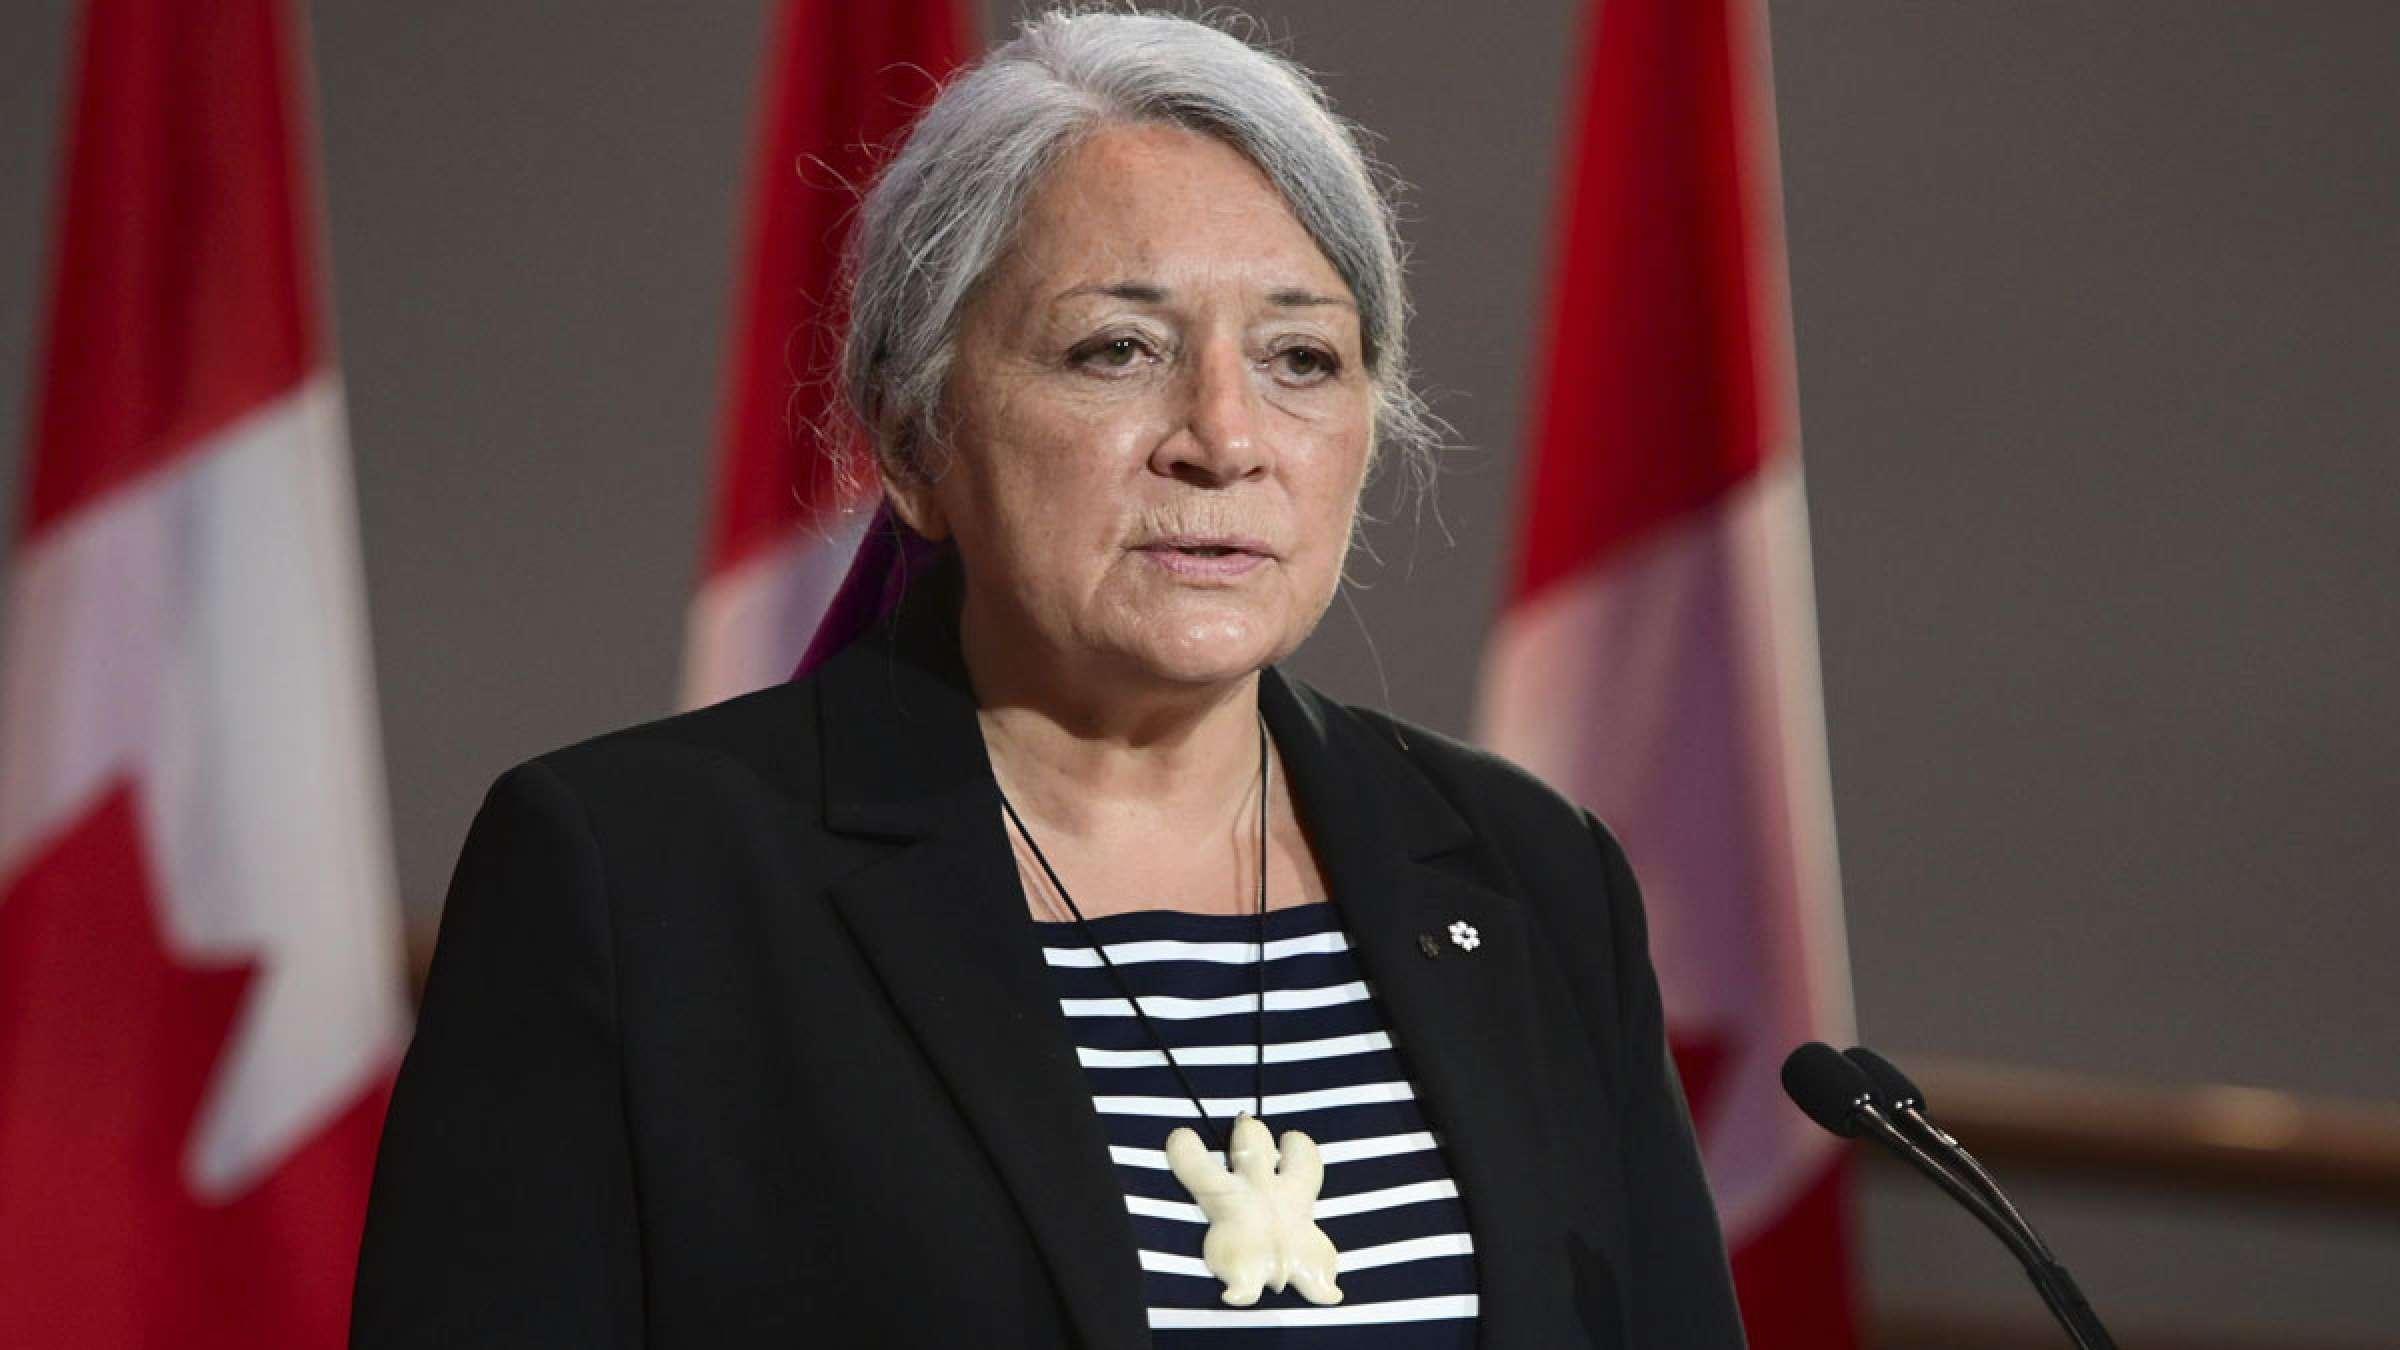 امروز مری سایمون، اولین بومی فرماندار کل کانادا شد، وی دقیقا کیست؟